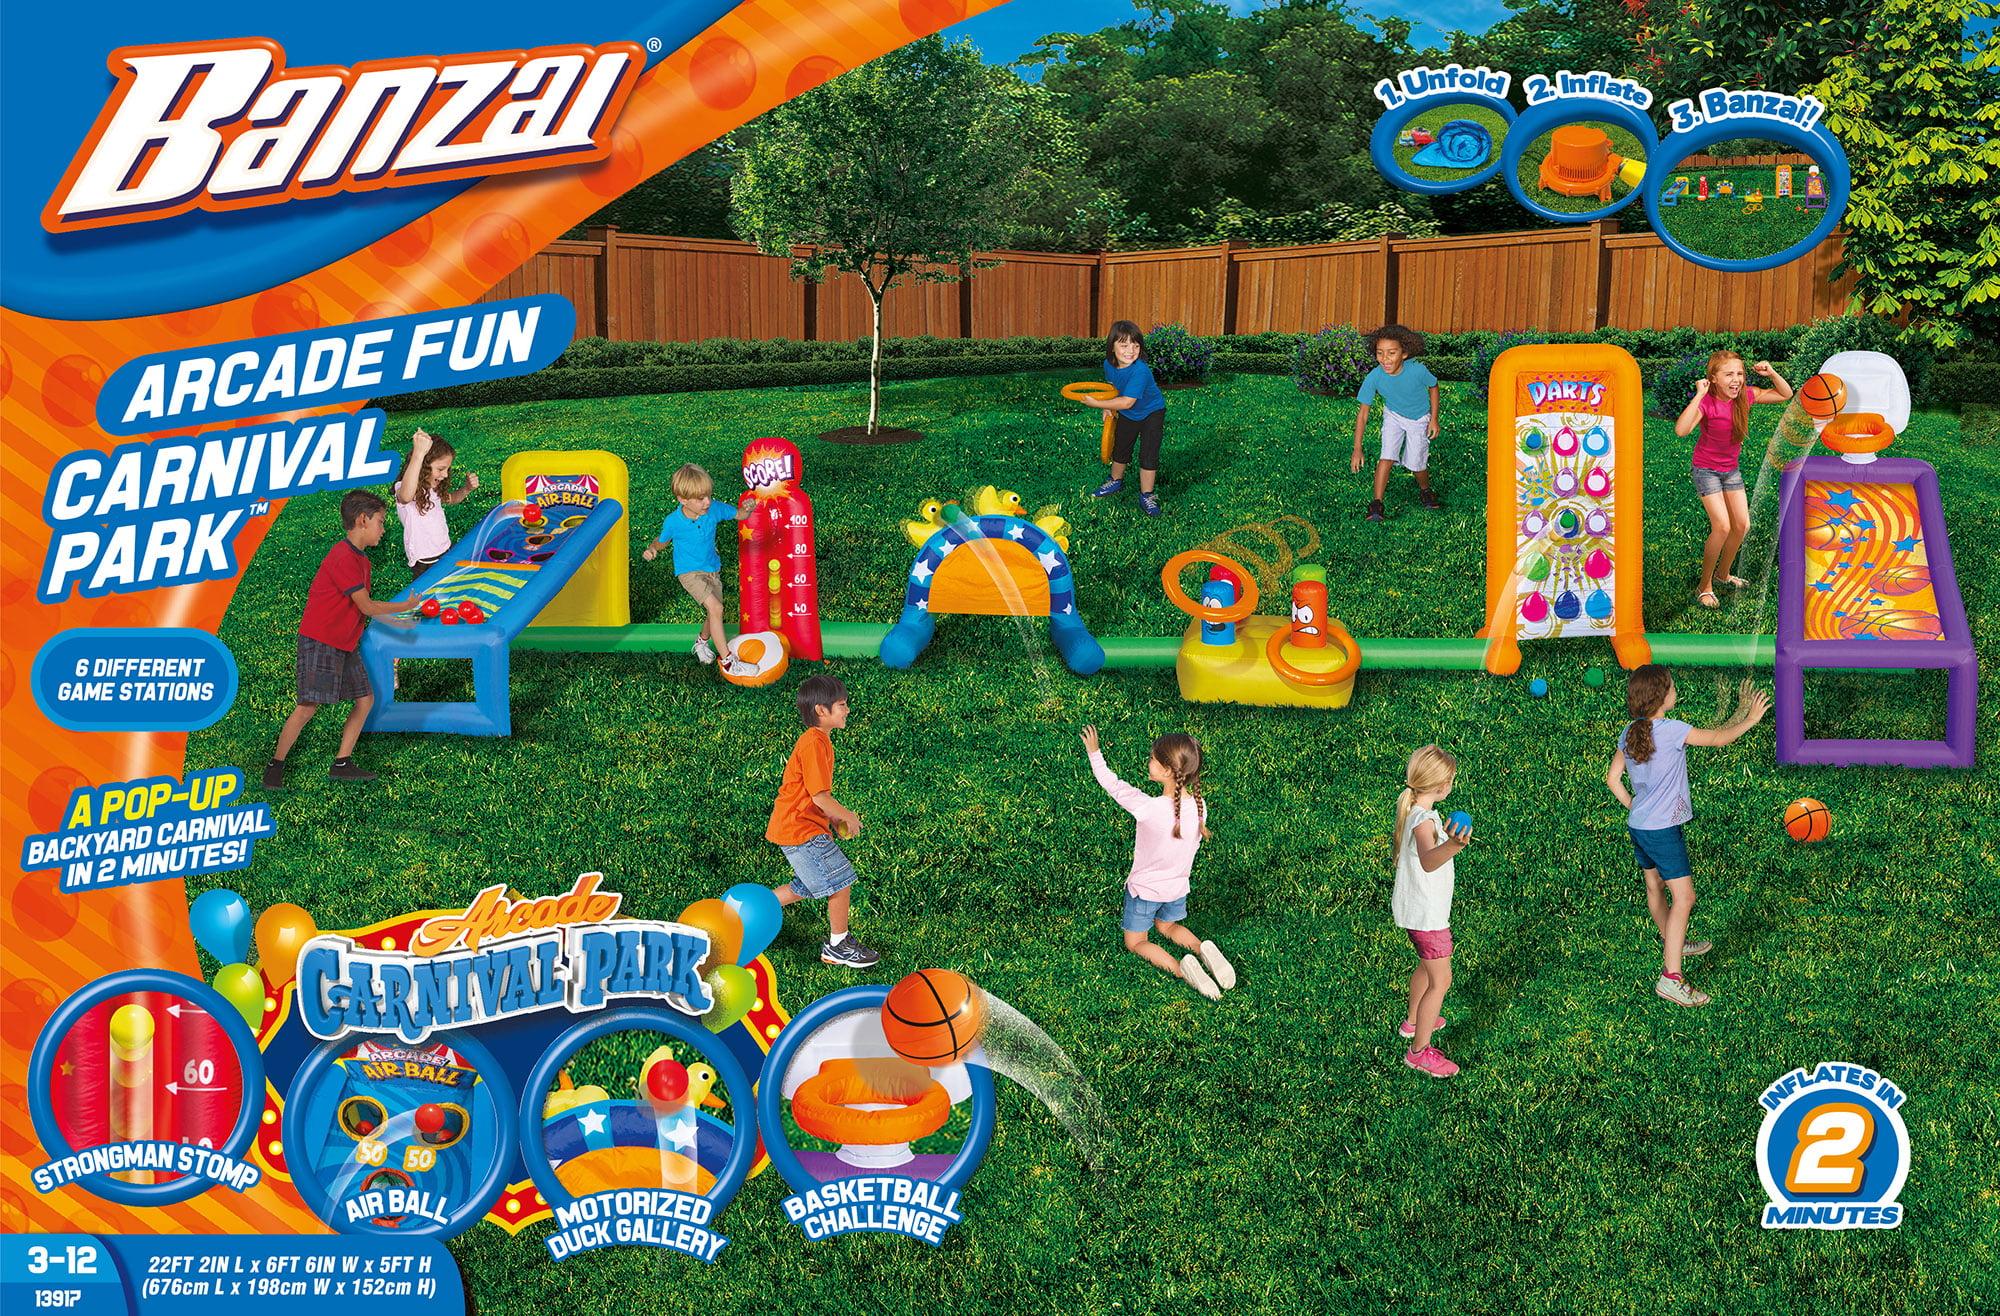 Backyard Carnival banzai arcade fun carnival park (inflatable backyard sports play